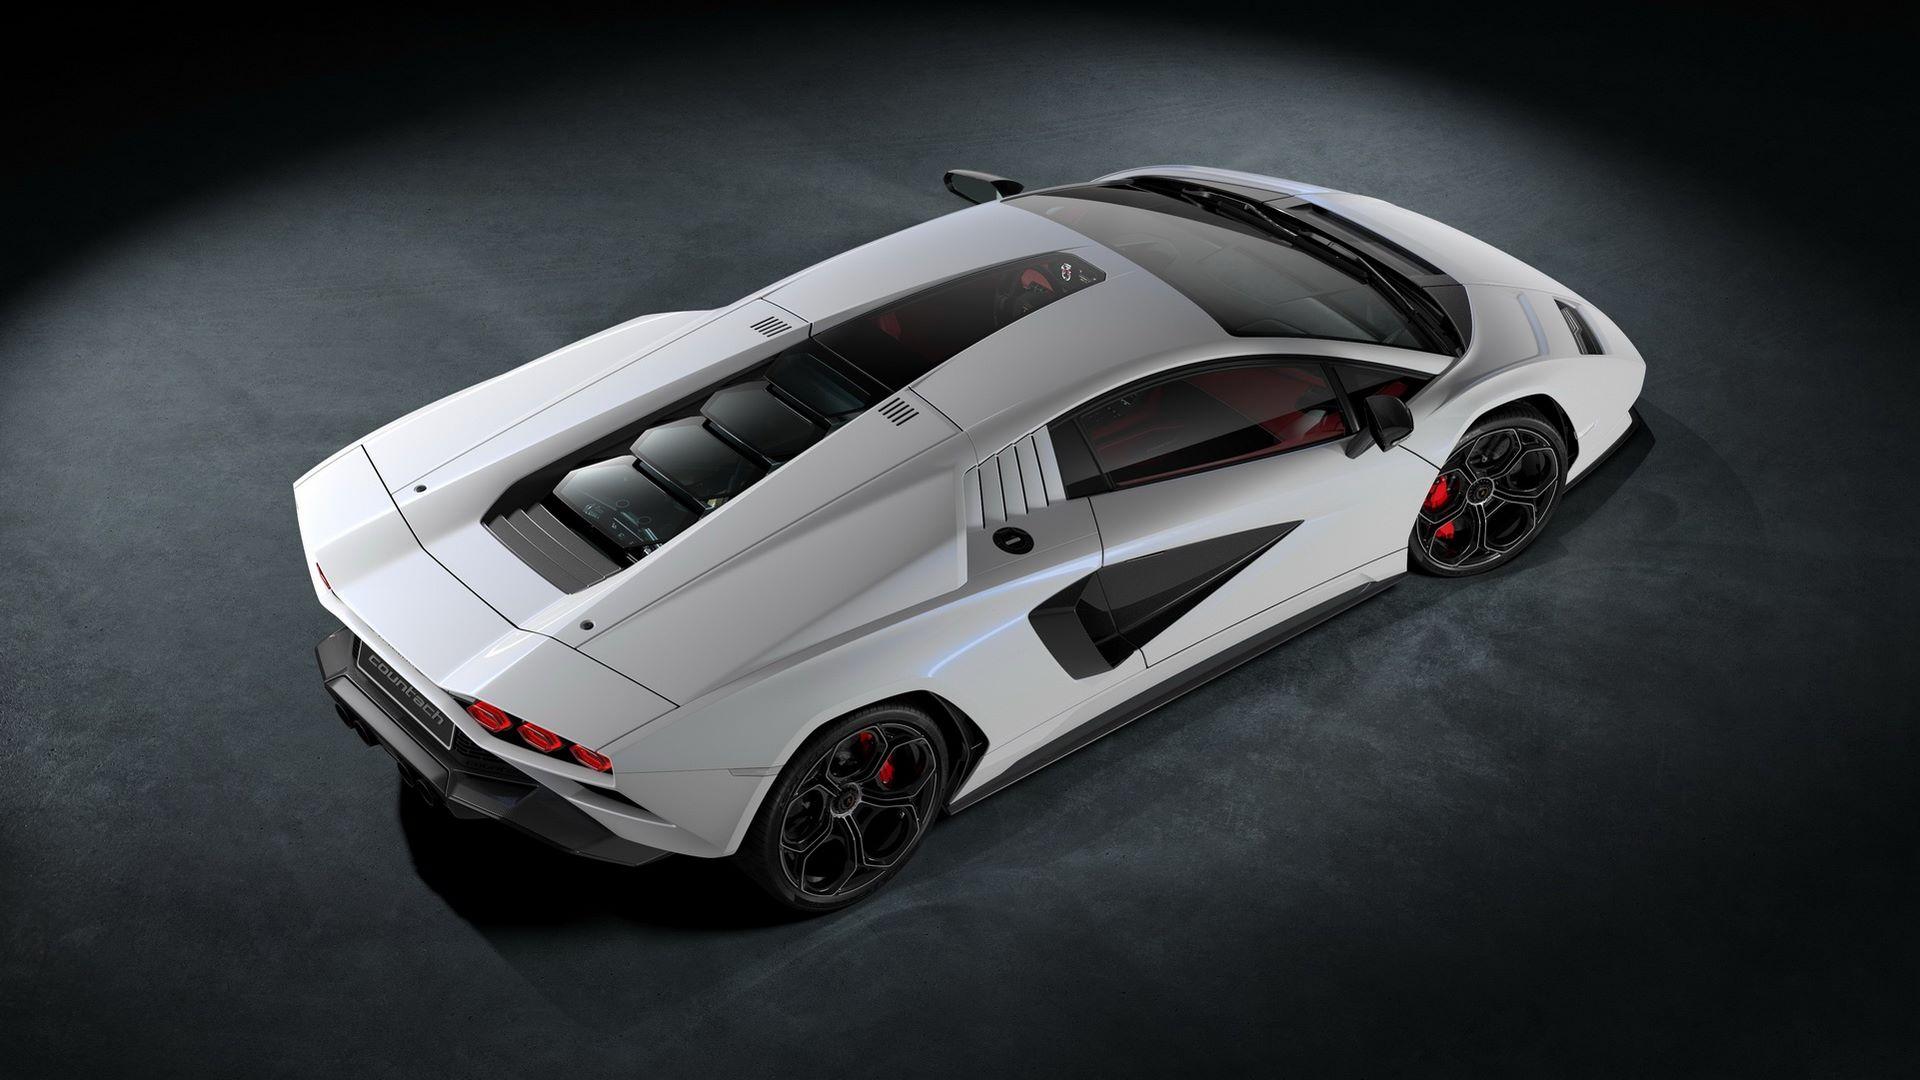 Lamborghini-Countach-LPI-800-4-27